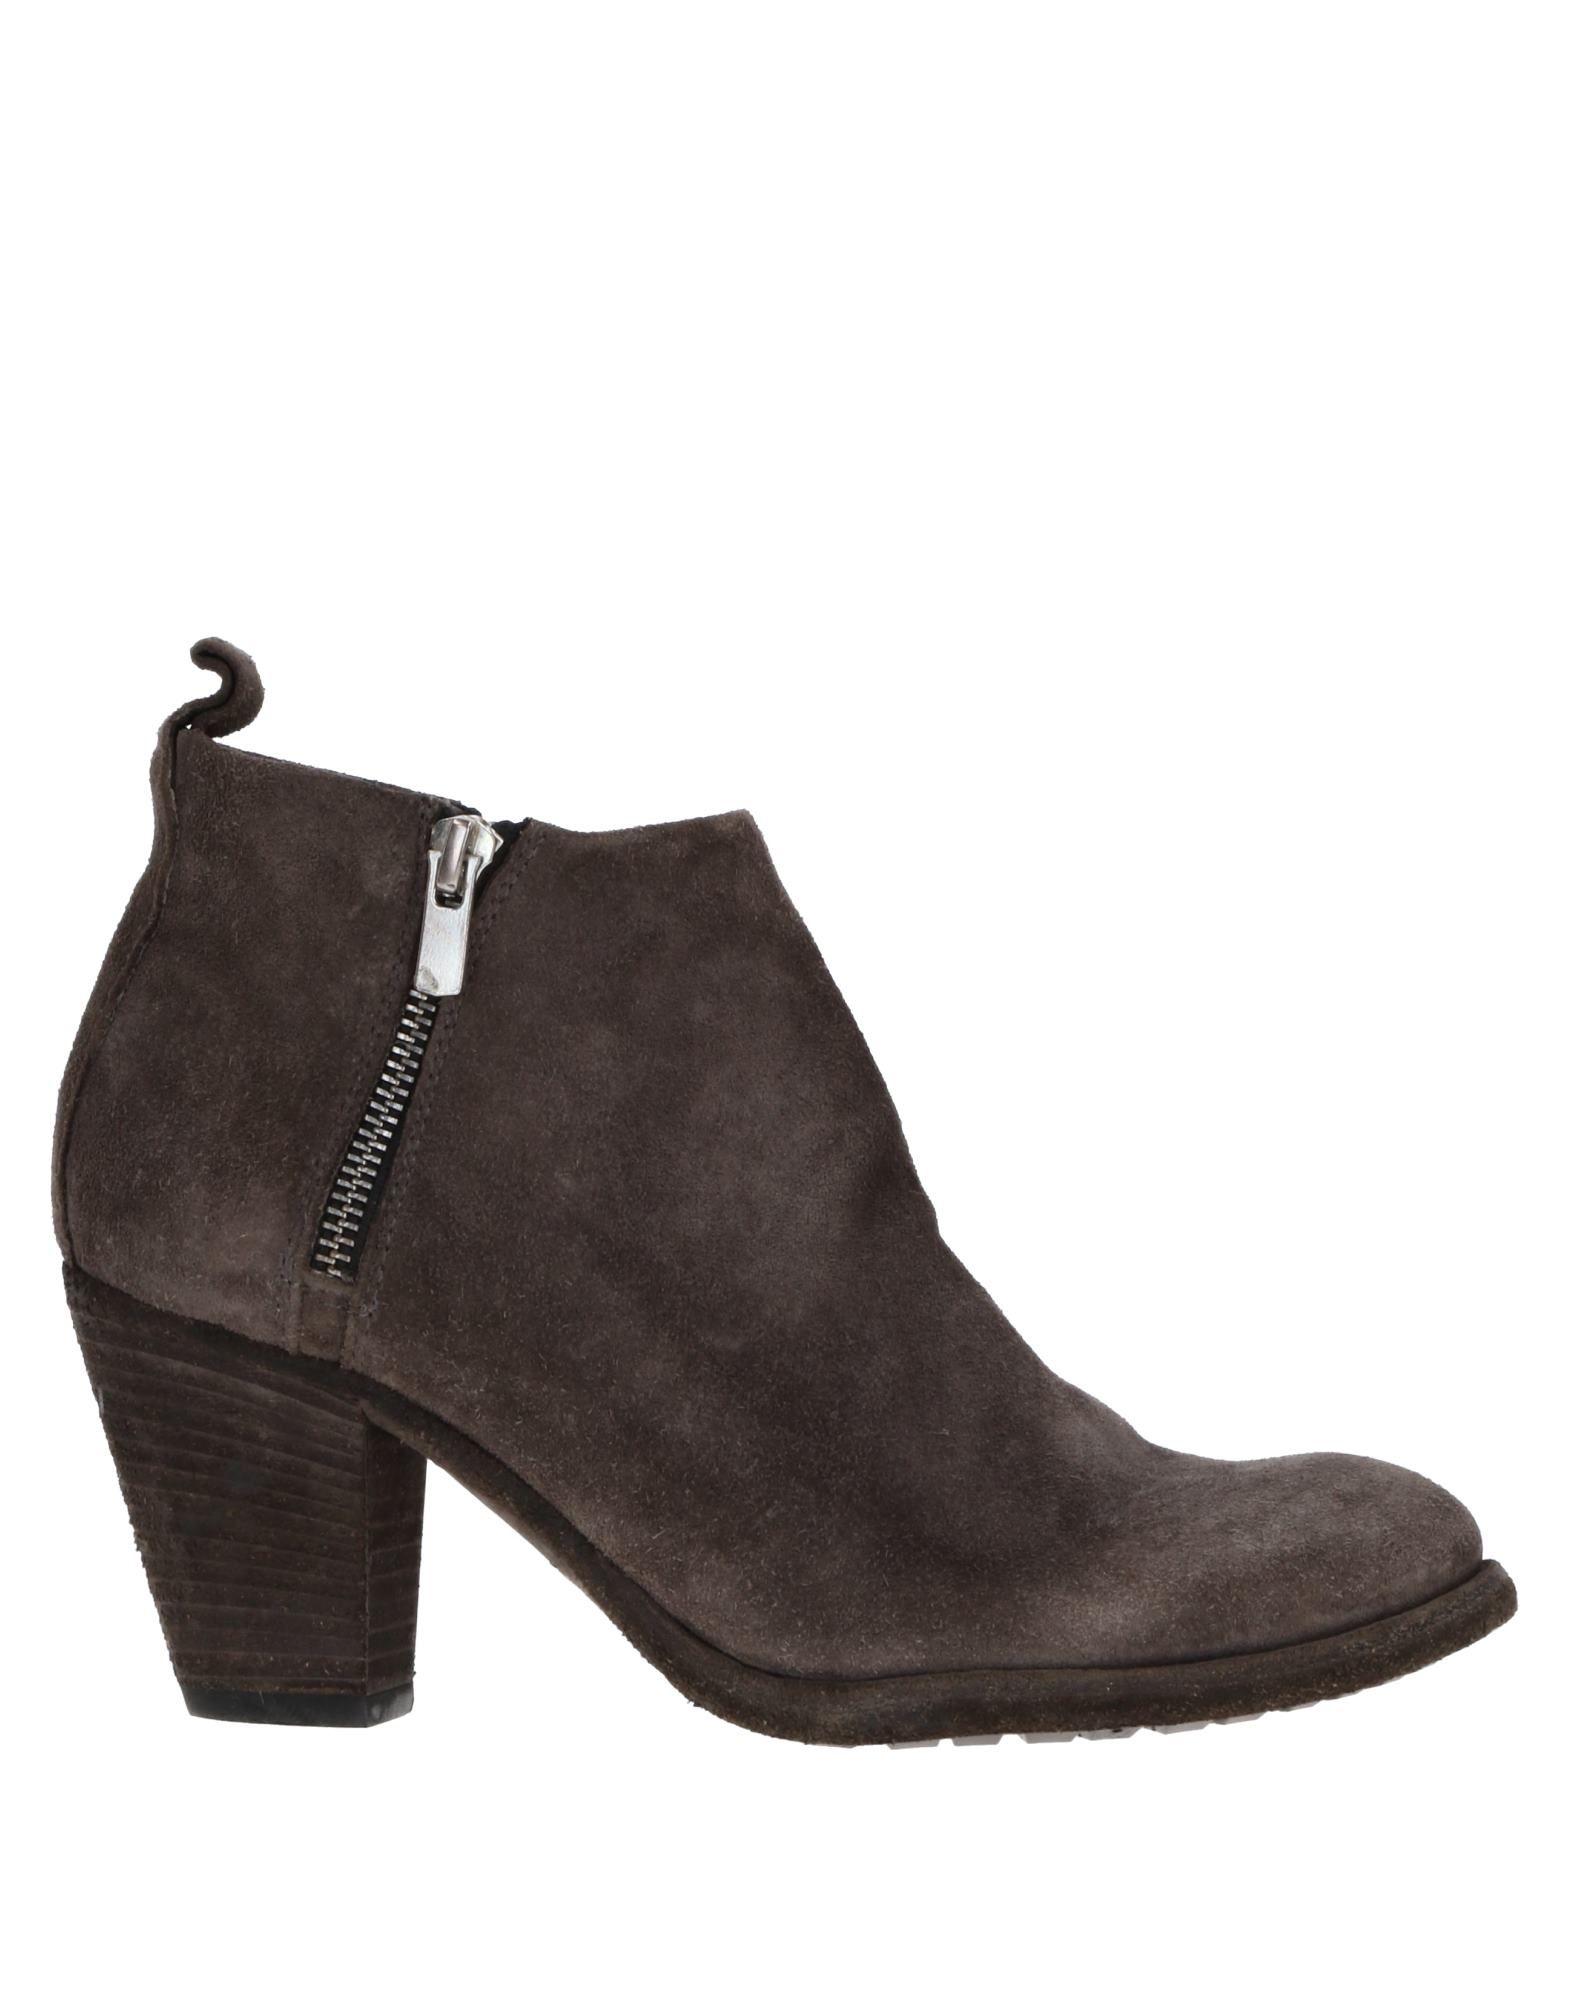 Rabatt Schuhe Officine Creative Italia Stiefelette Damen  11516996LW